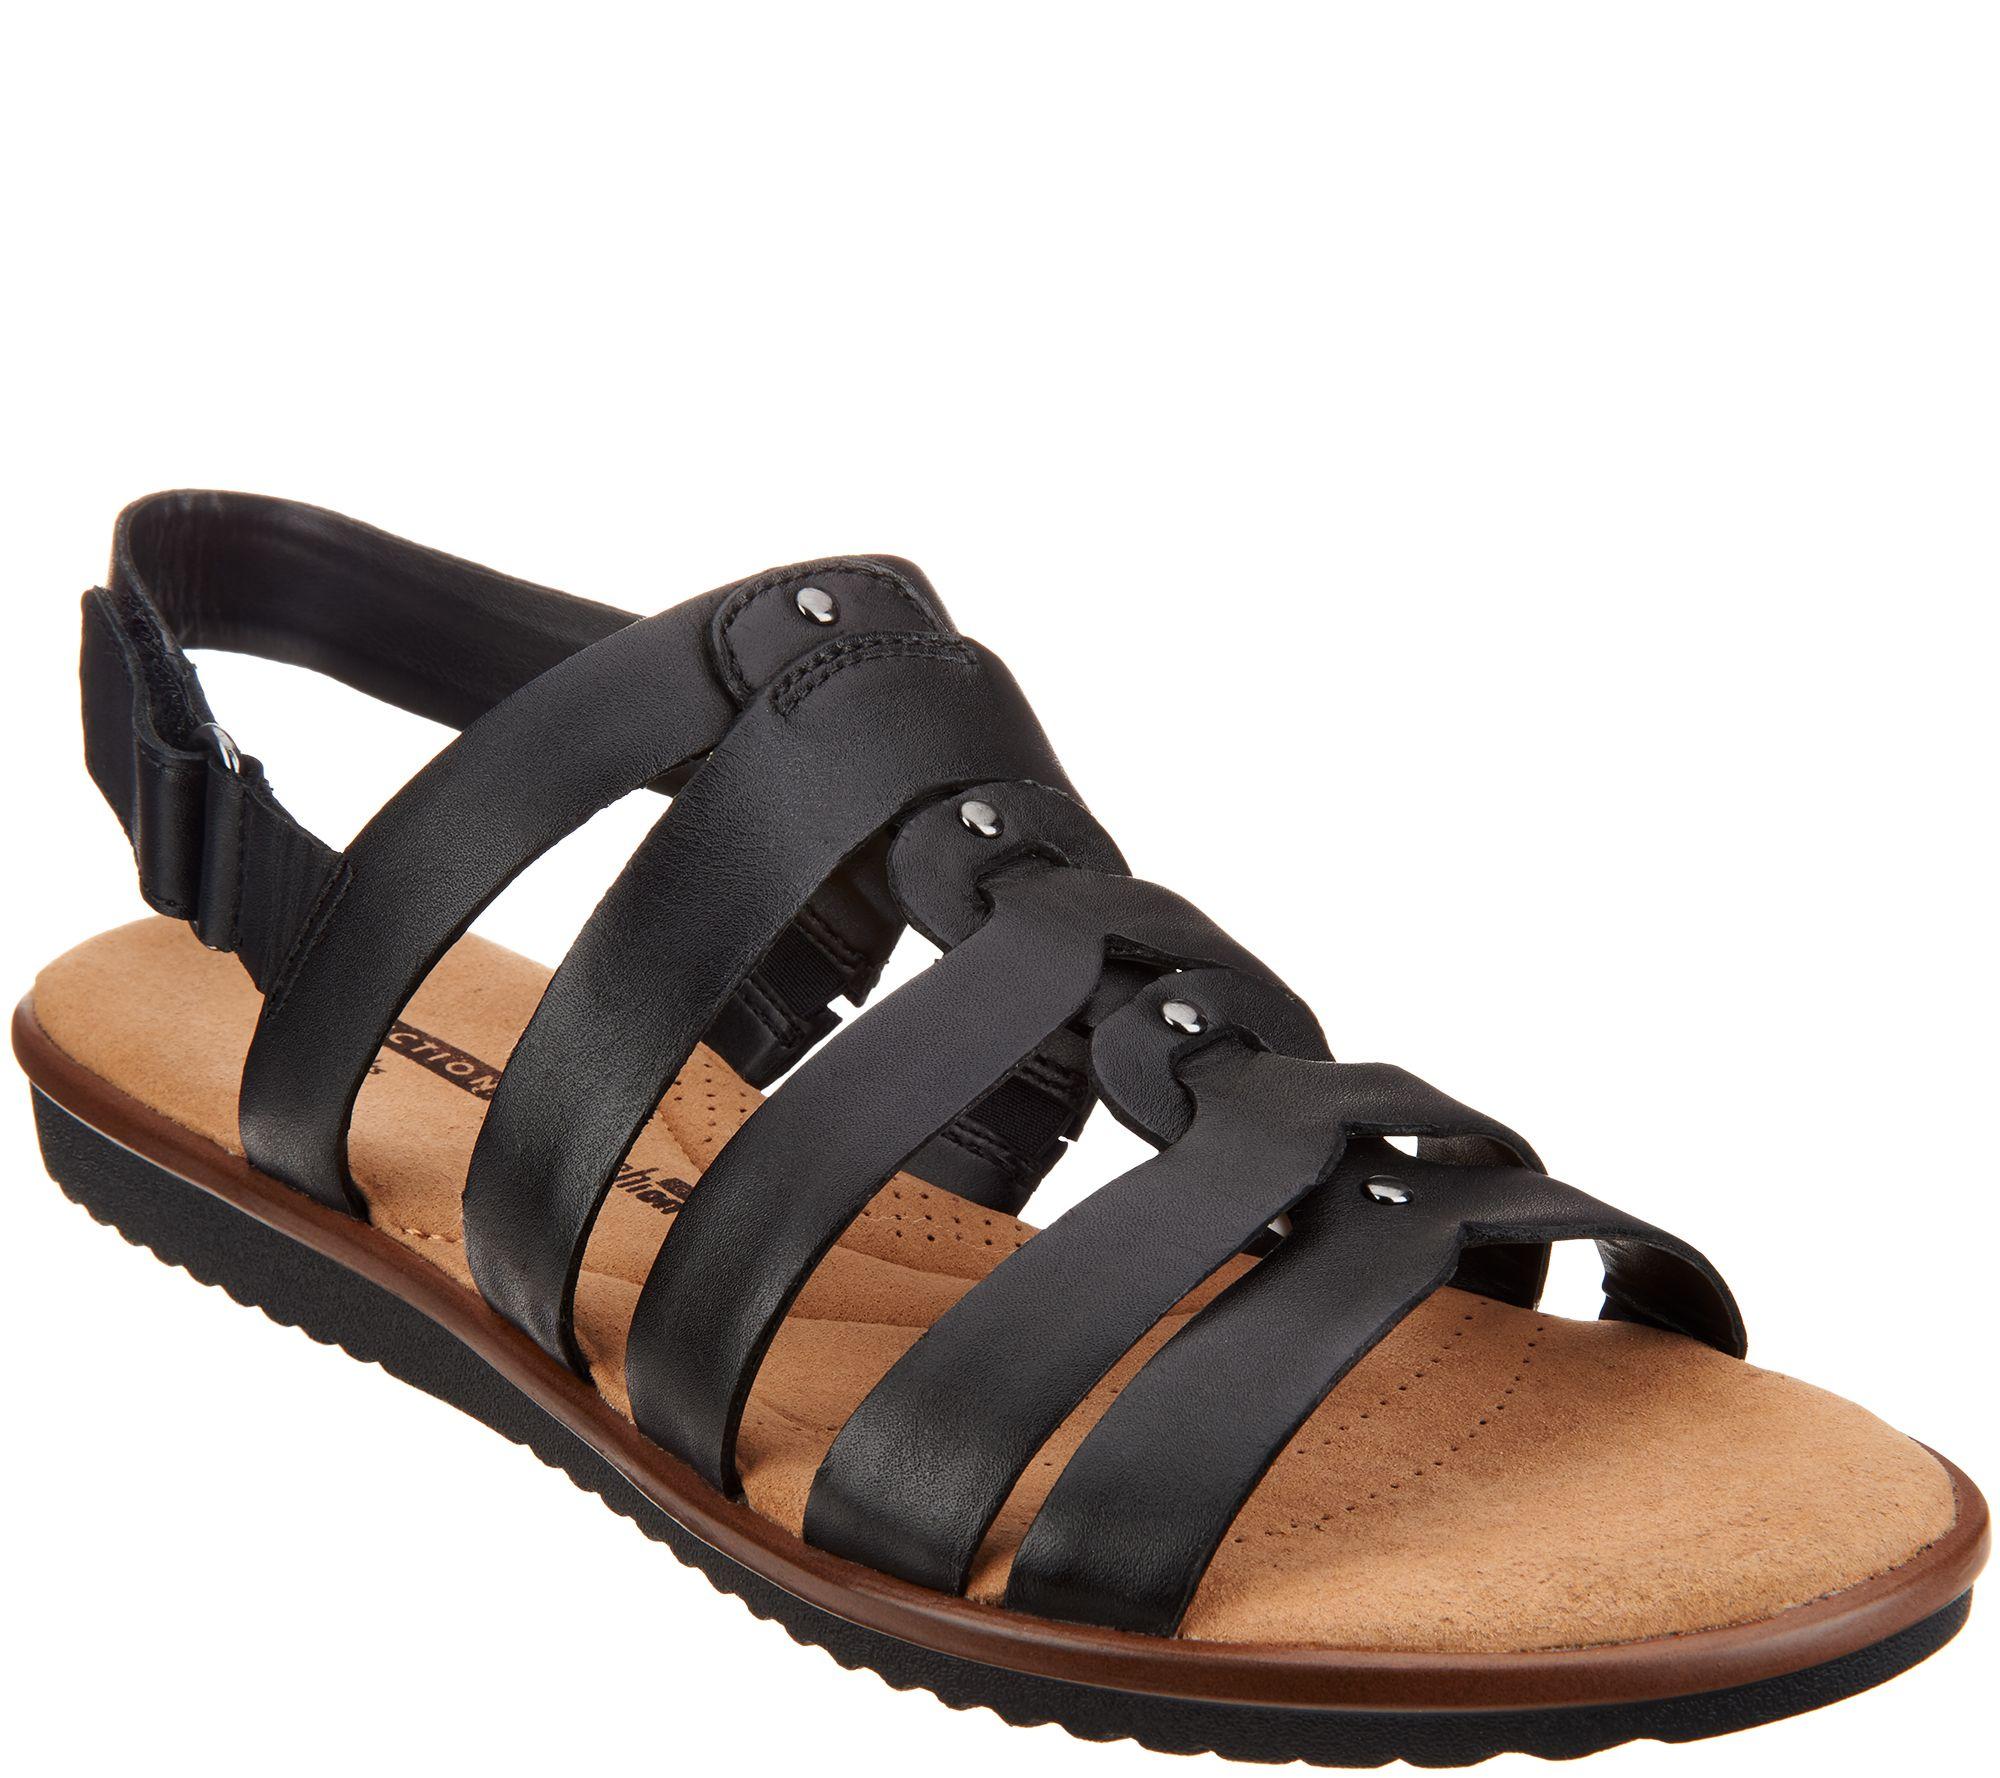 280fc428791 Clarks Leather Stud Detail Sandals - Kele Jasmine - Page 1 — QVC.com